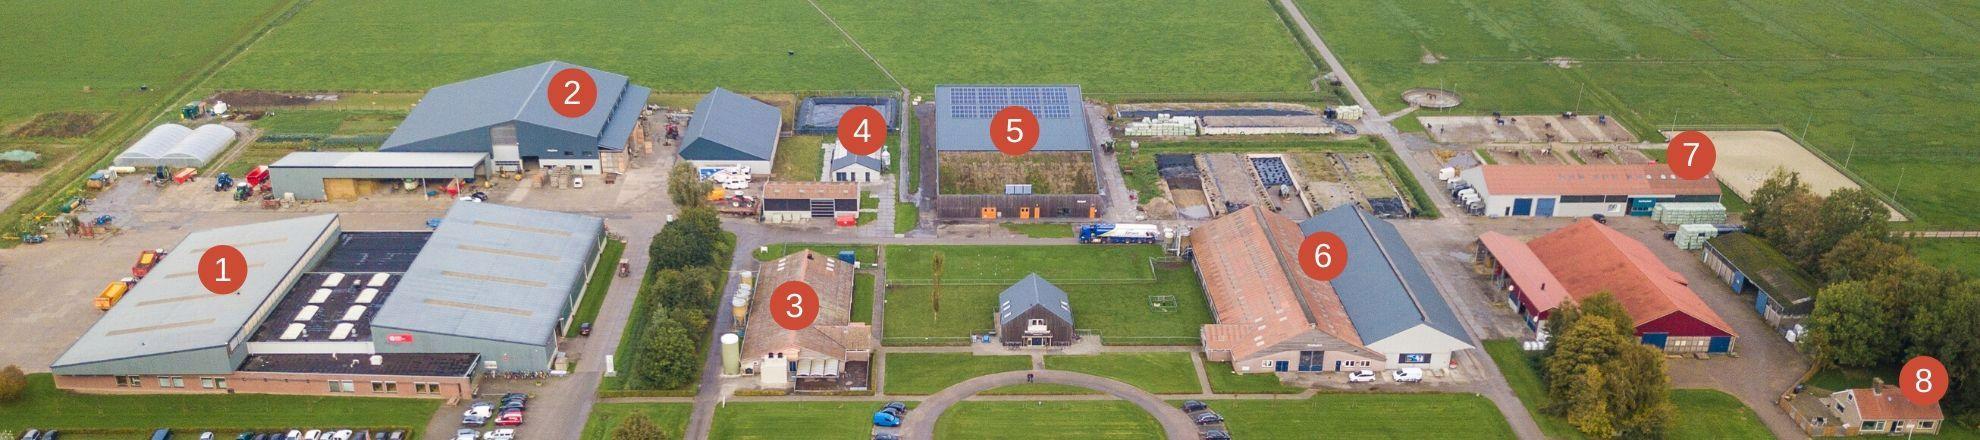 Aeres Farms Aeres Hogeschool Dronten